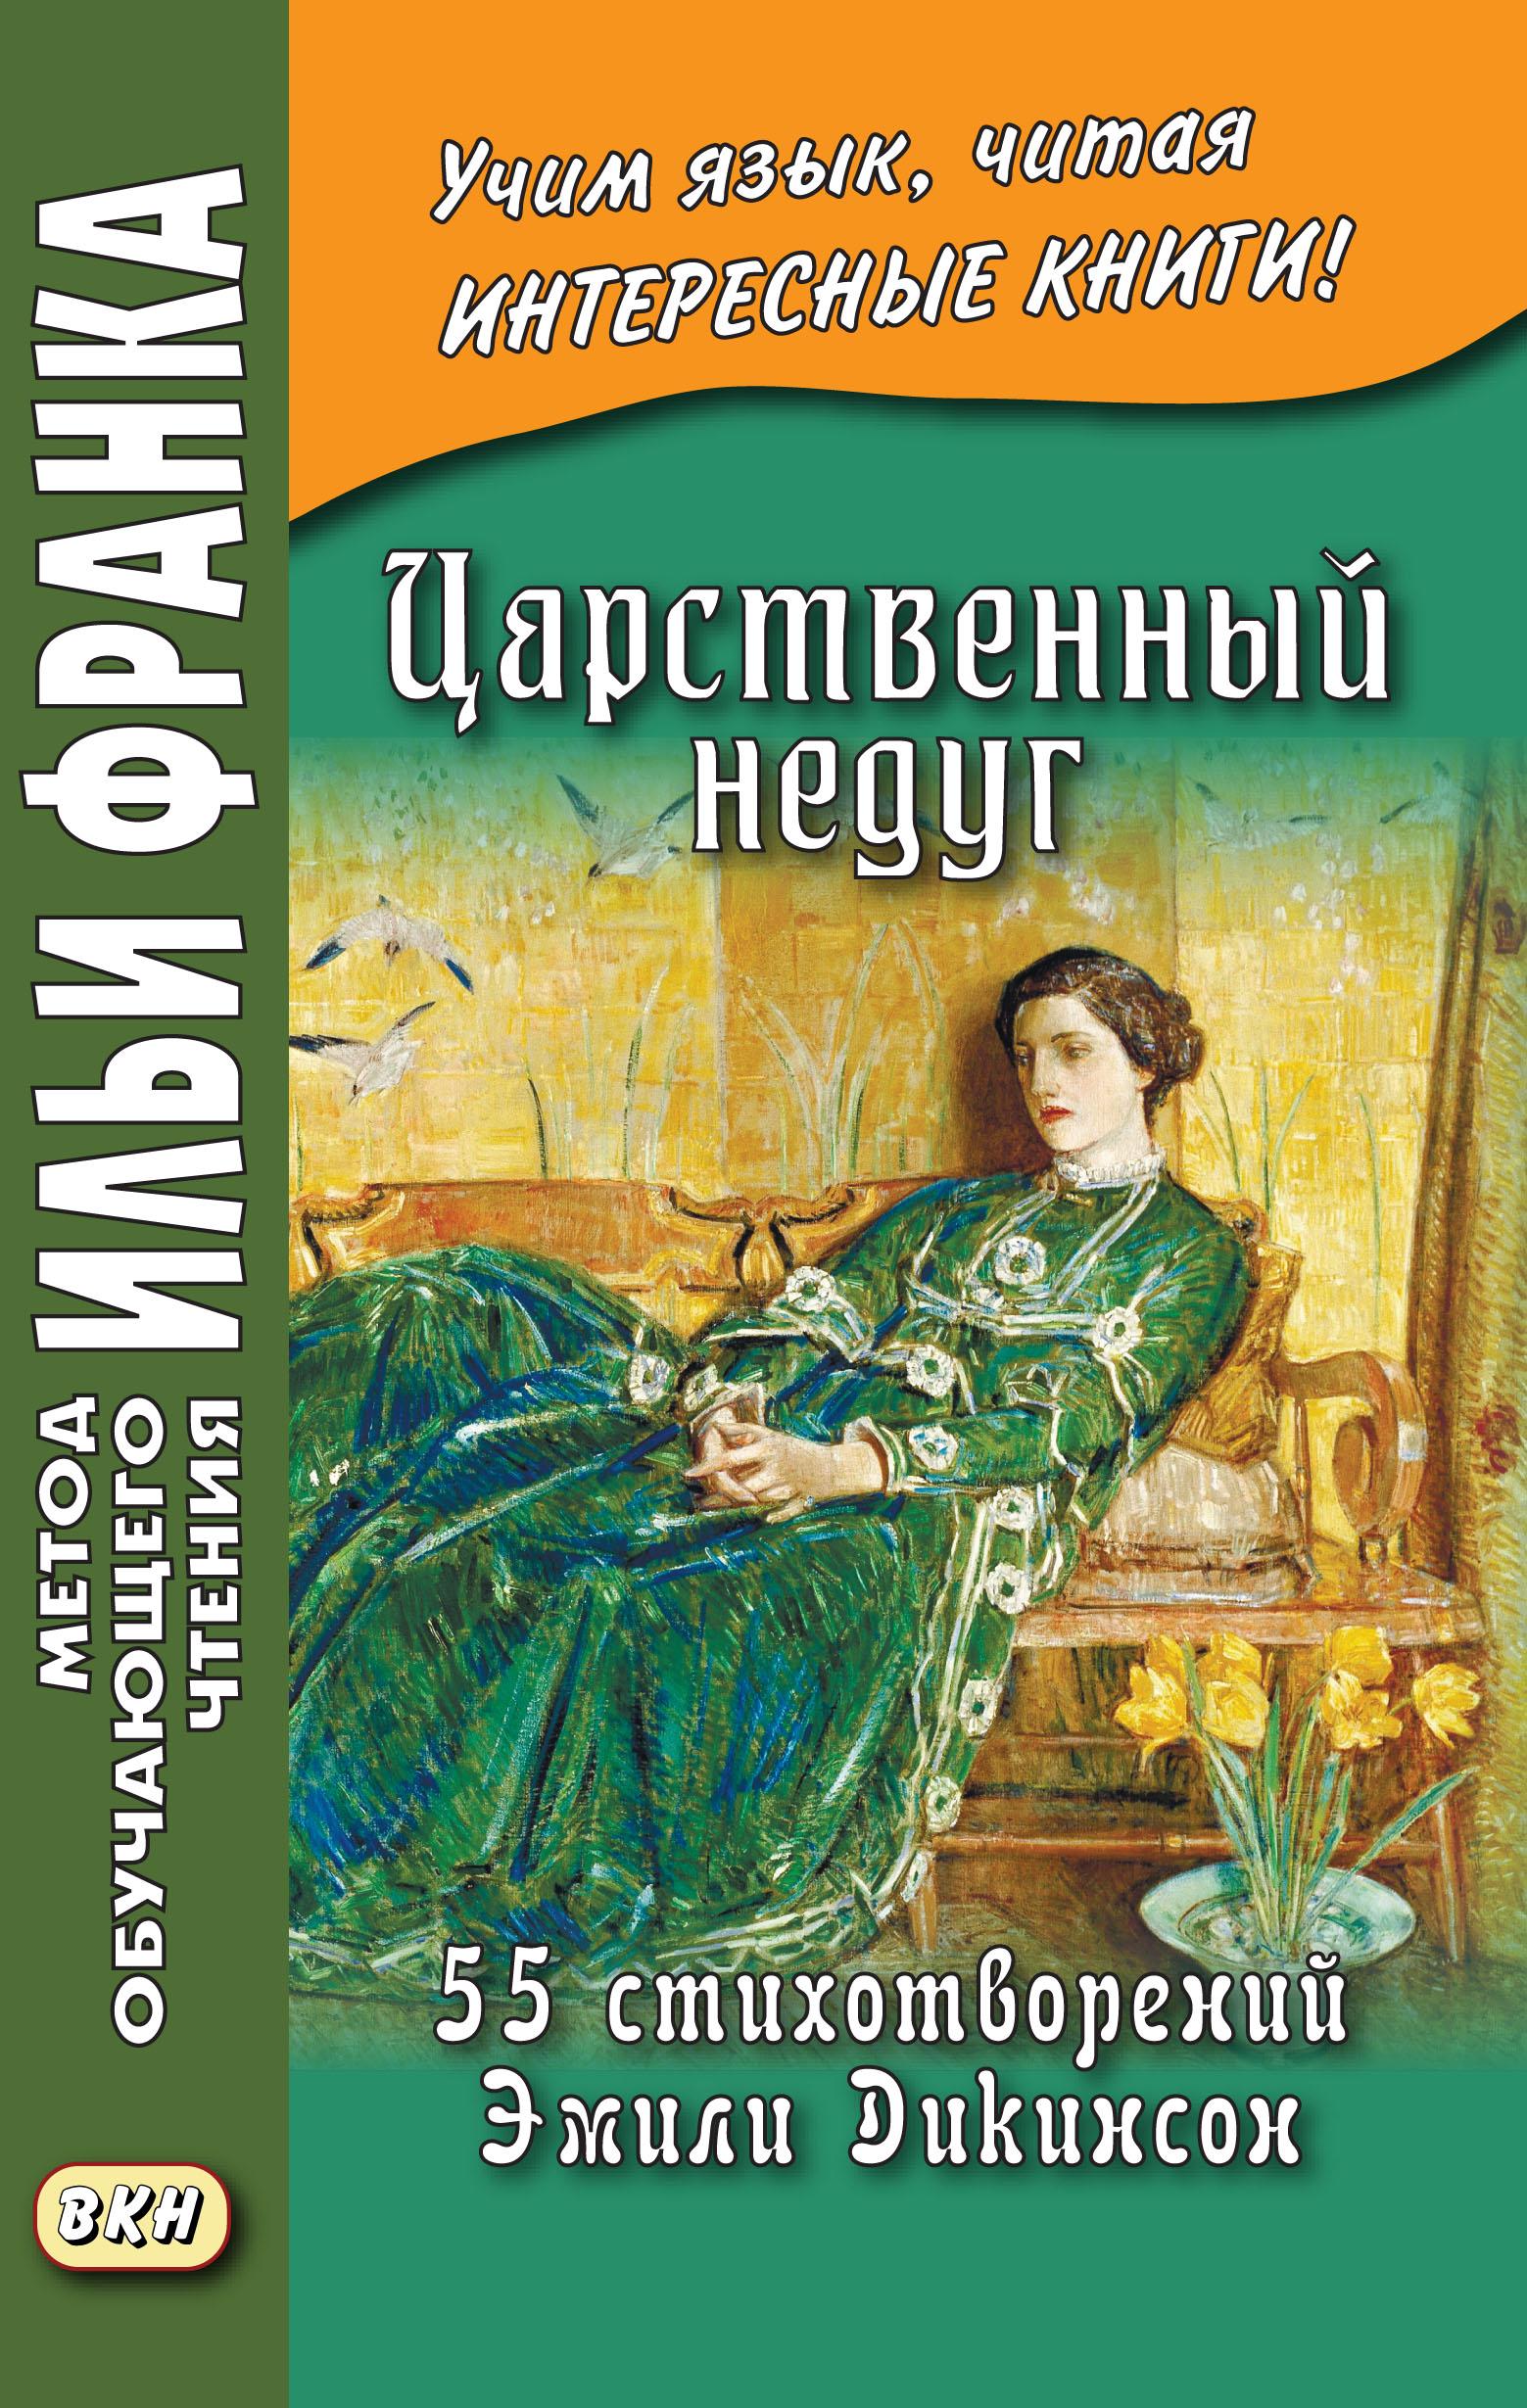 все цены на Эмили Дикинсон Царственный недуг. 55 стихотворений Эмили Дикинсон / An Imperial Affliction. 55 Poems of Emily Dickinson (1830–1886)